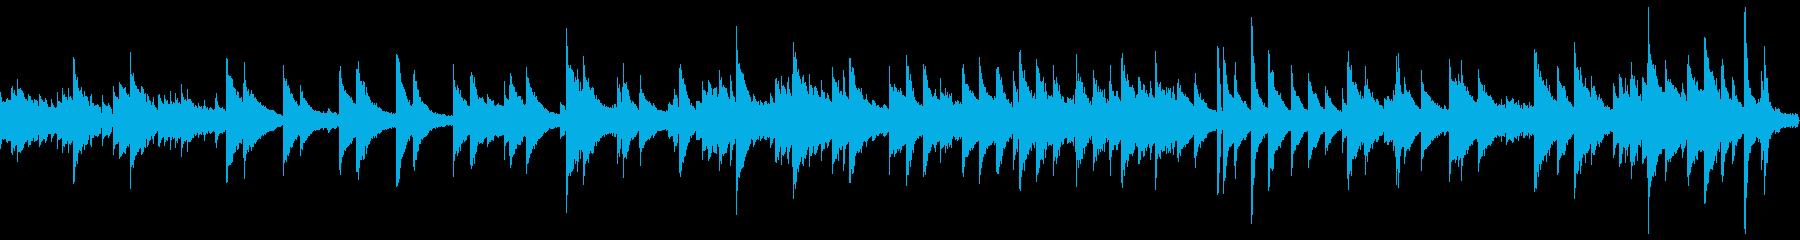 落ち着いた雰囲気のバラード(ループ仕様)の再生済みの波形